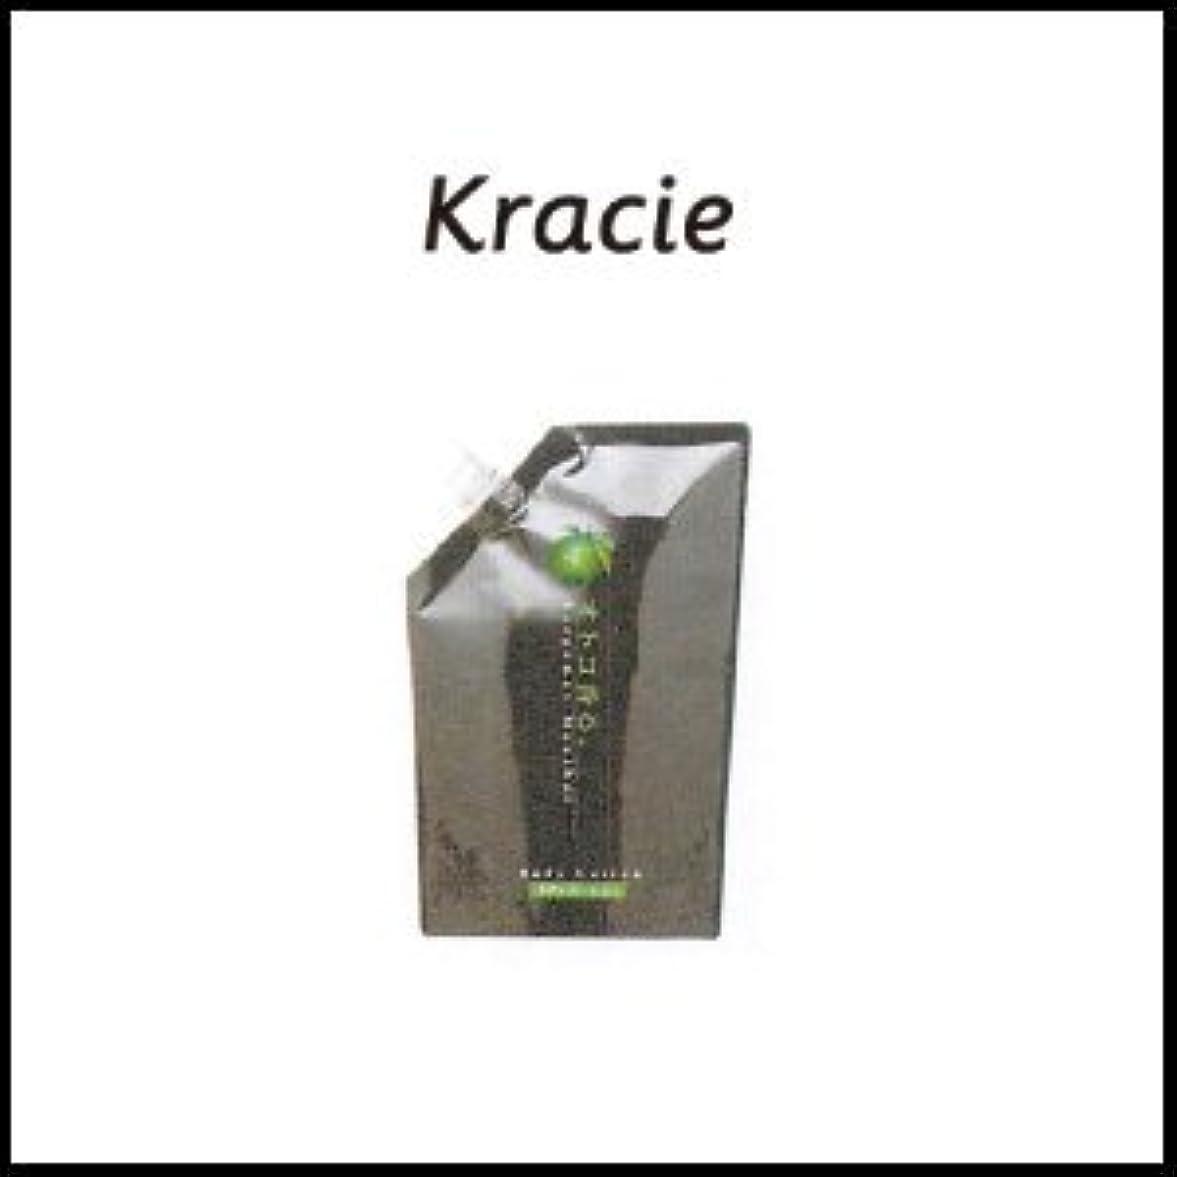 実現可能性どちらも反動クラシエ オトコ香る ボディローション(ベルガモット) 500ml 詰替え用(レフィル)